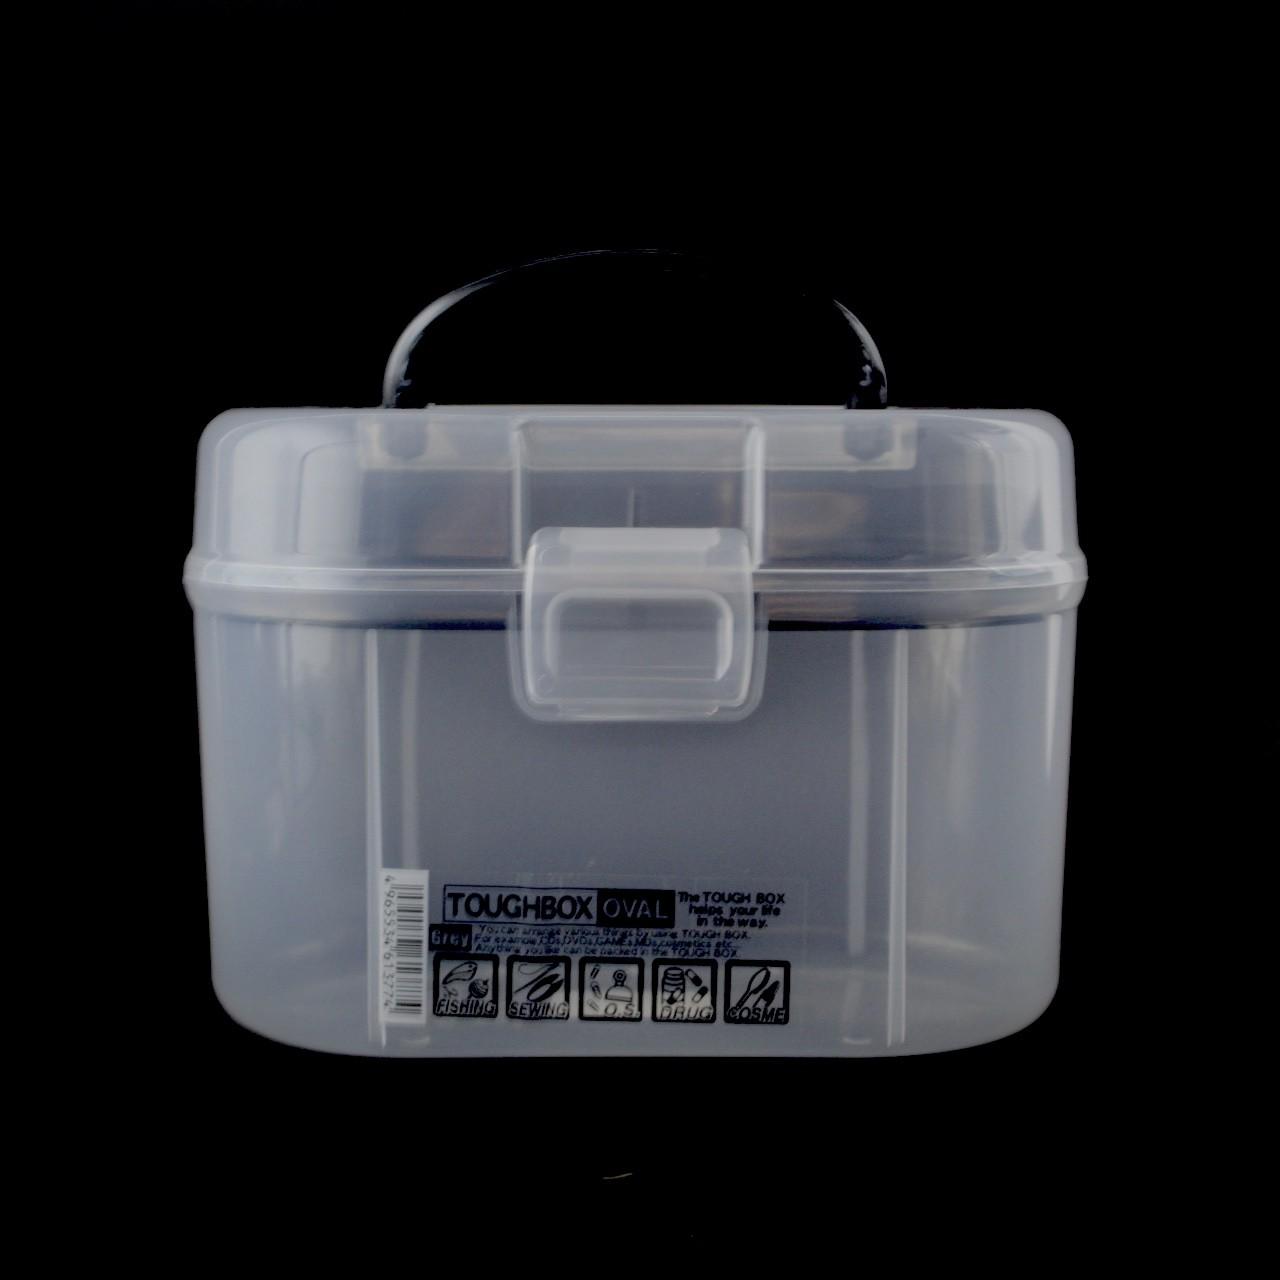 YAMADA TOUGH BOX OVAL COM ALCA 613 PRETO